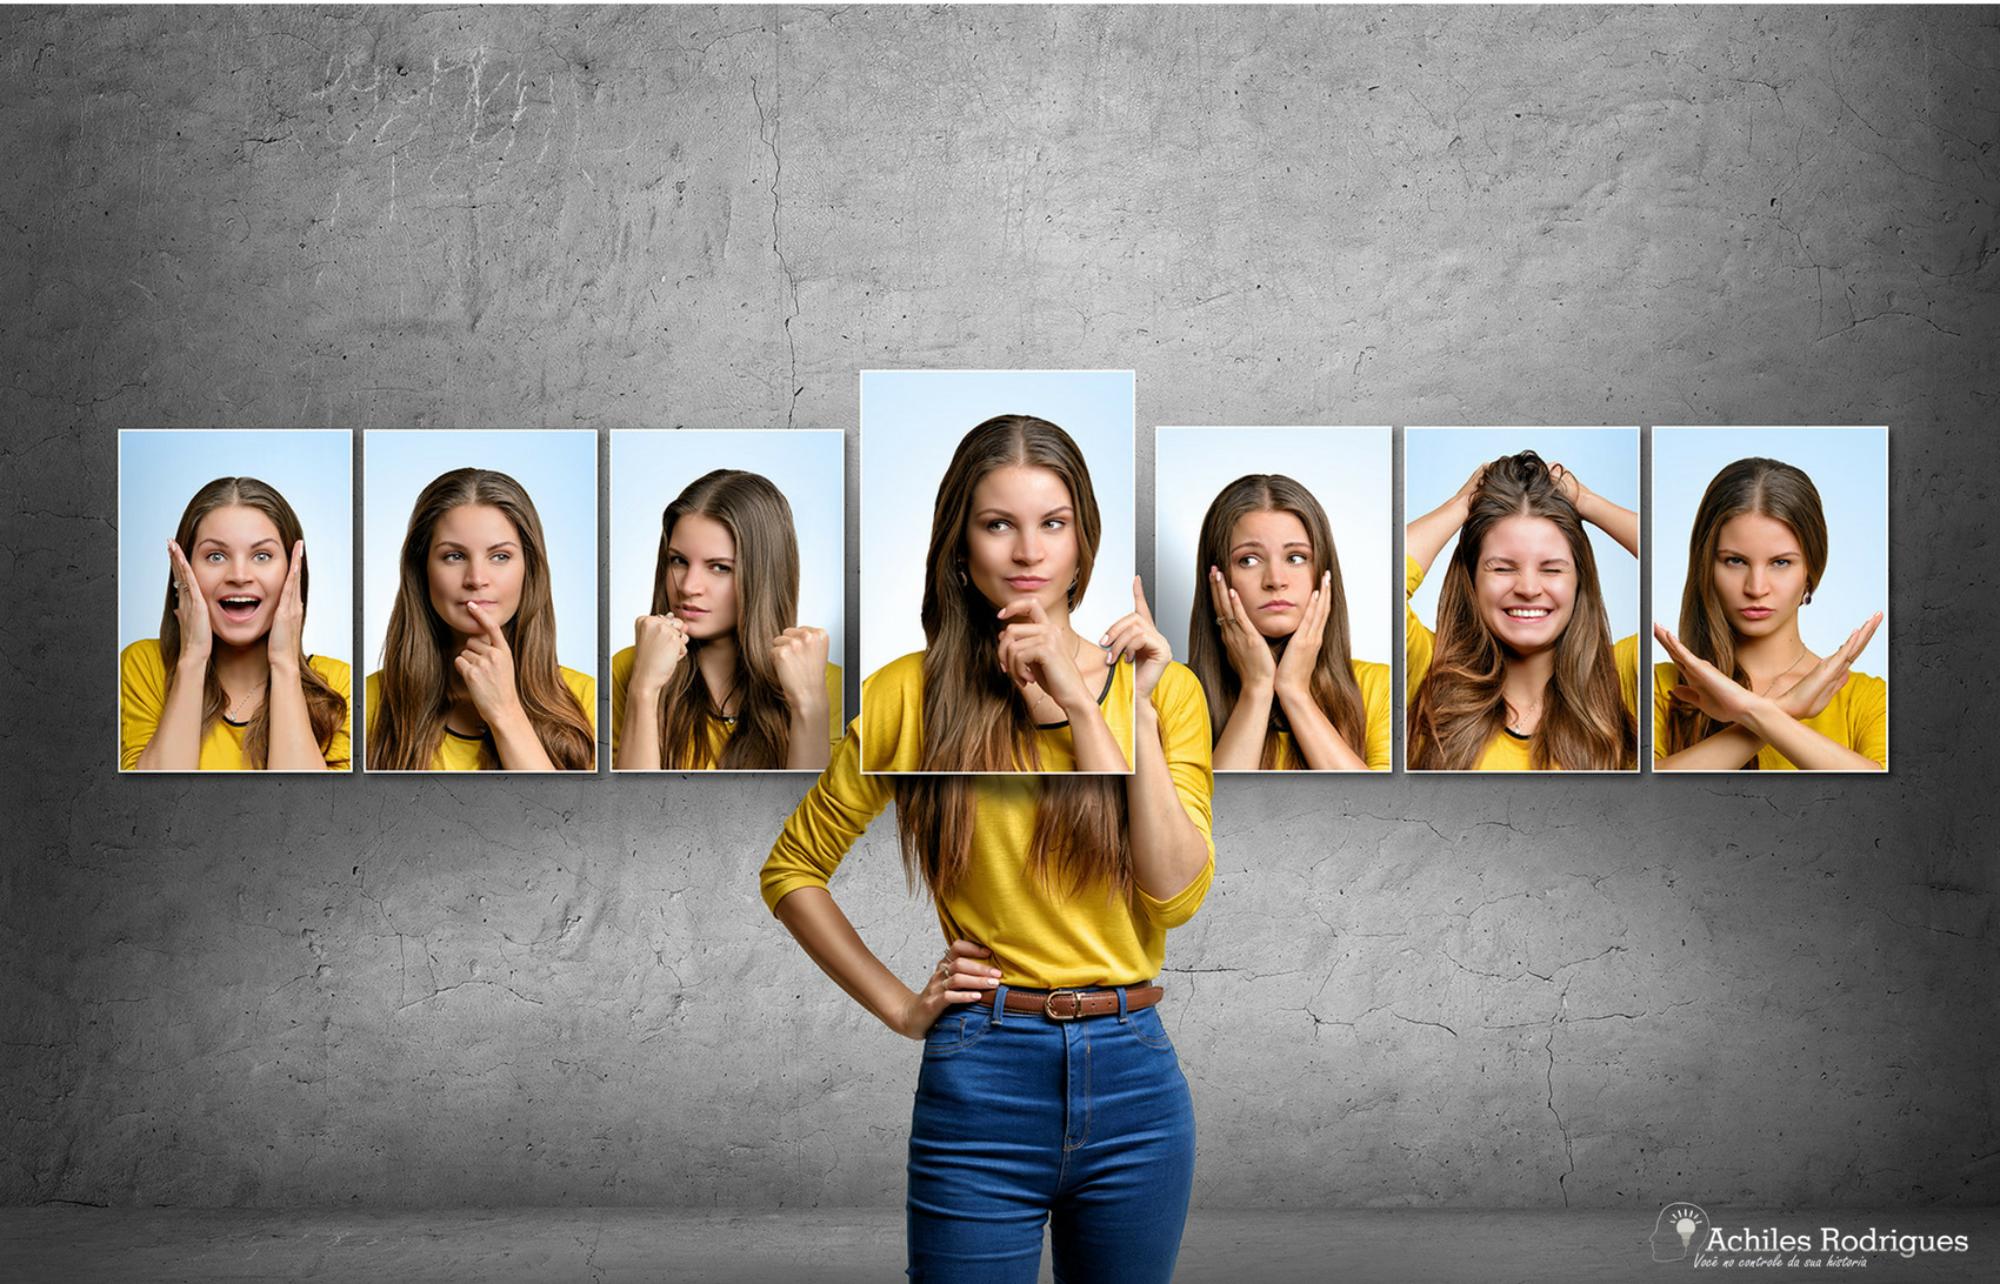 Por que a Inteligência Emocional é a Habilidade mais importante para sua carreira e vida   Achiles Rodrigues   Pulse   LinkedIn